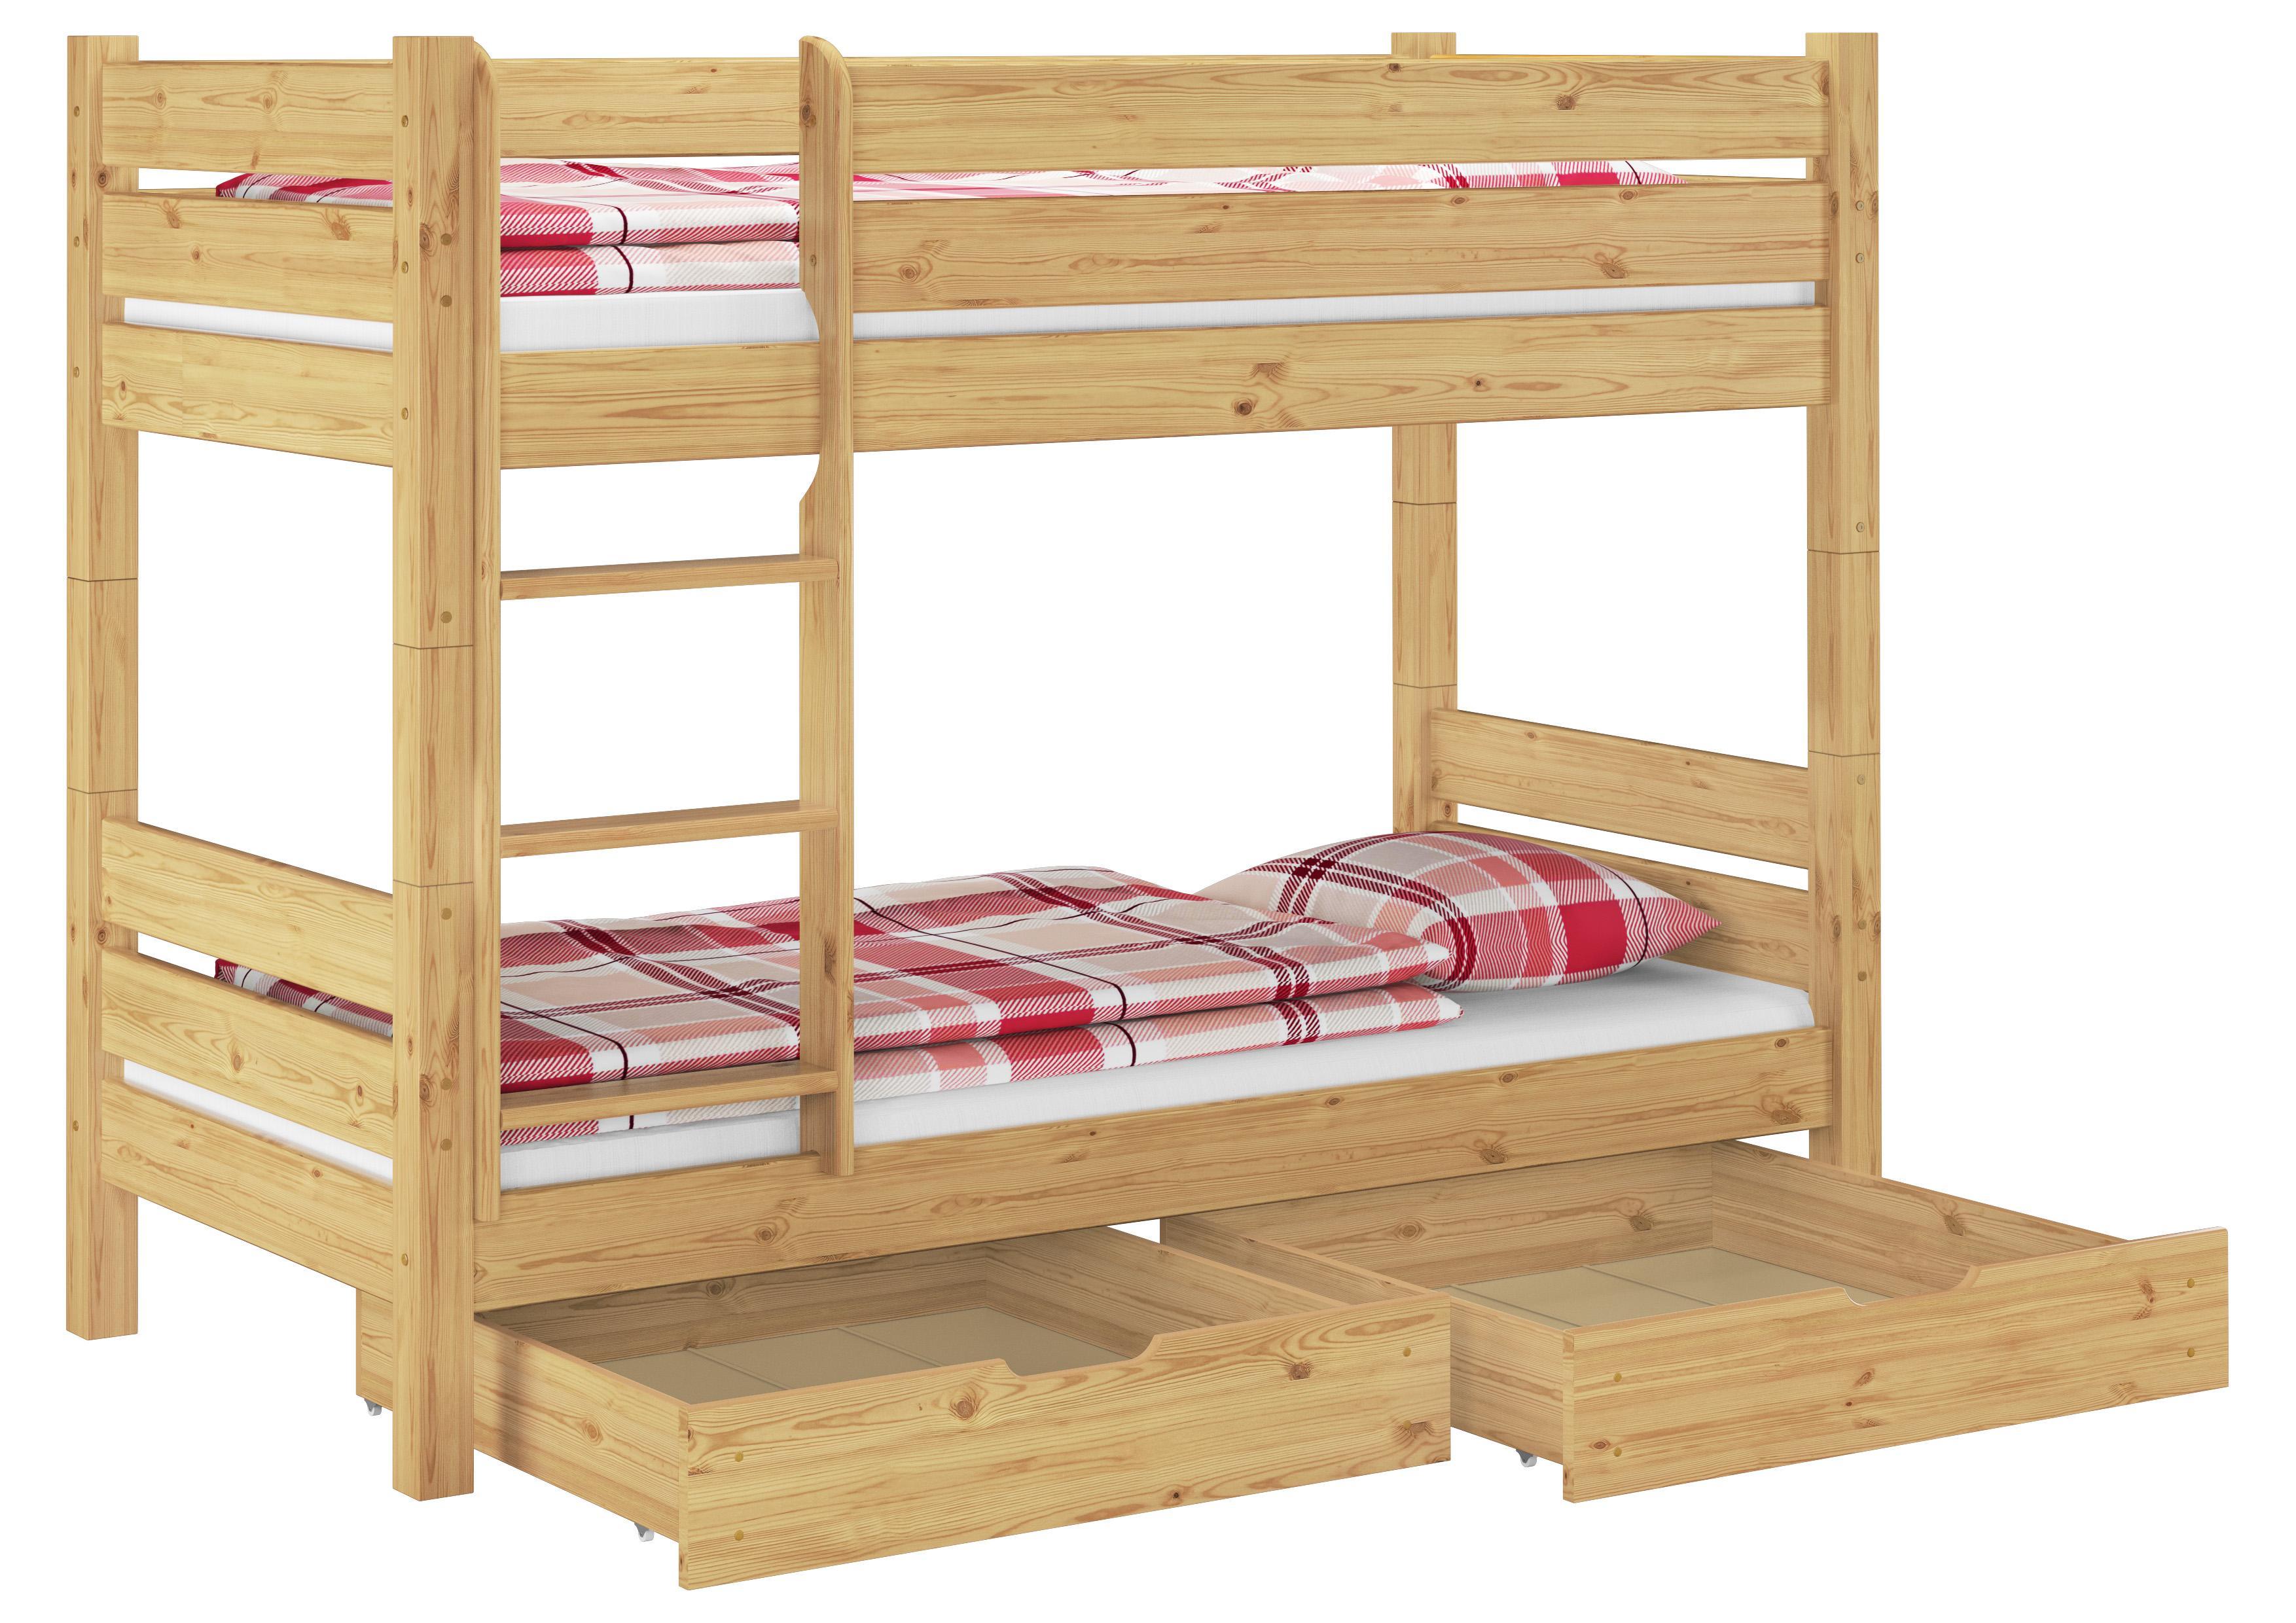 Etagenbett Nischenhöhe : Etagenbett hochbett kiefer natur teilbar rollrost matratzen